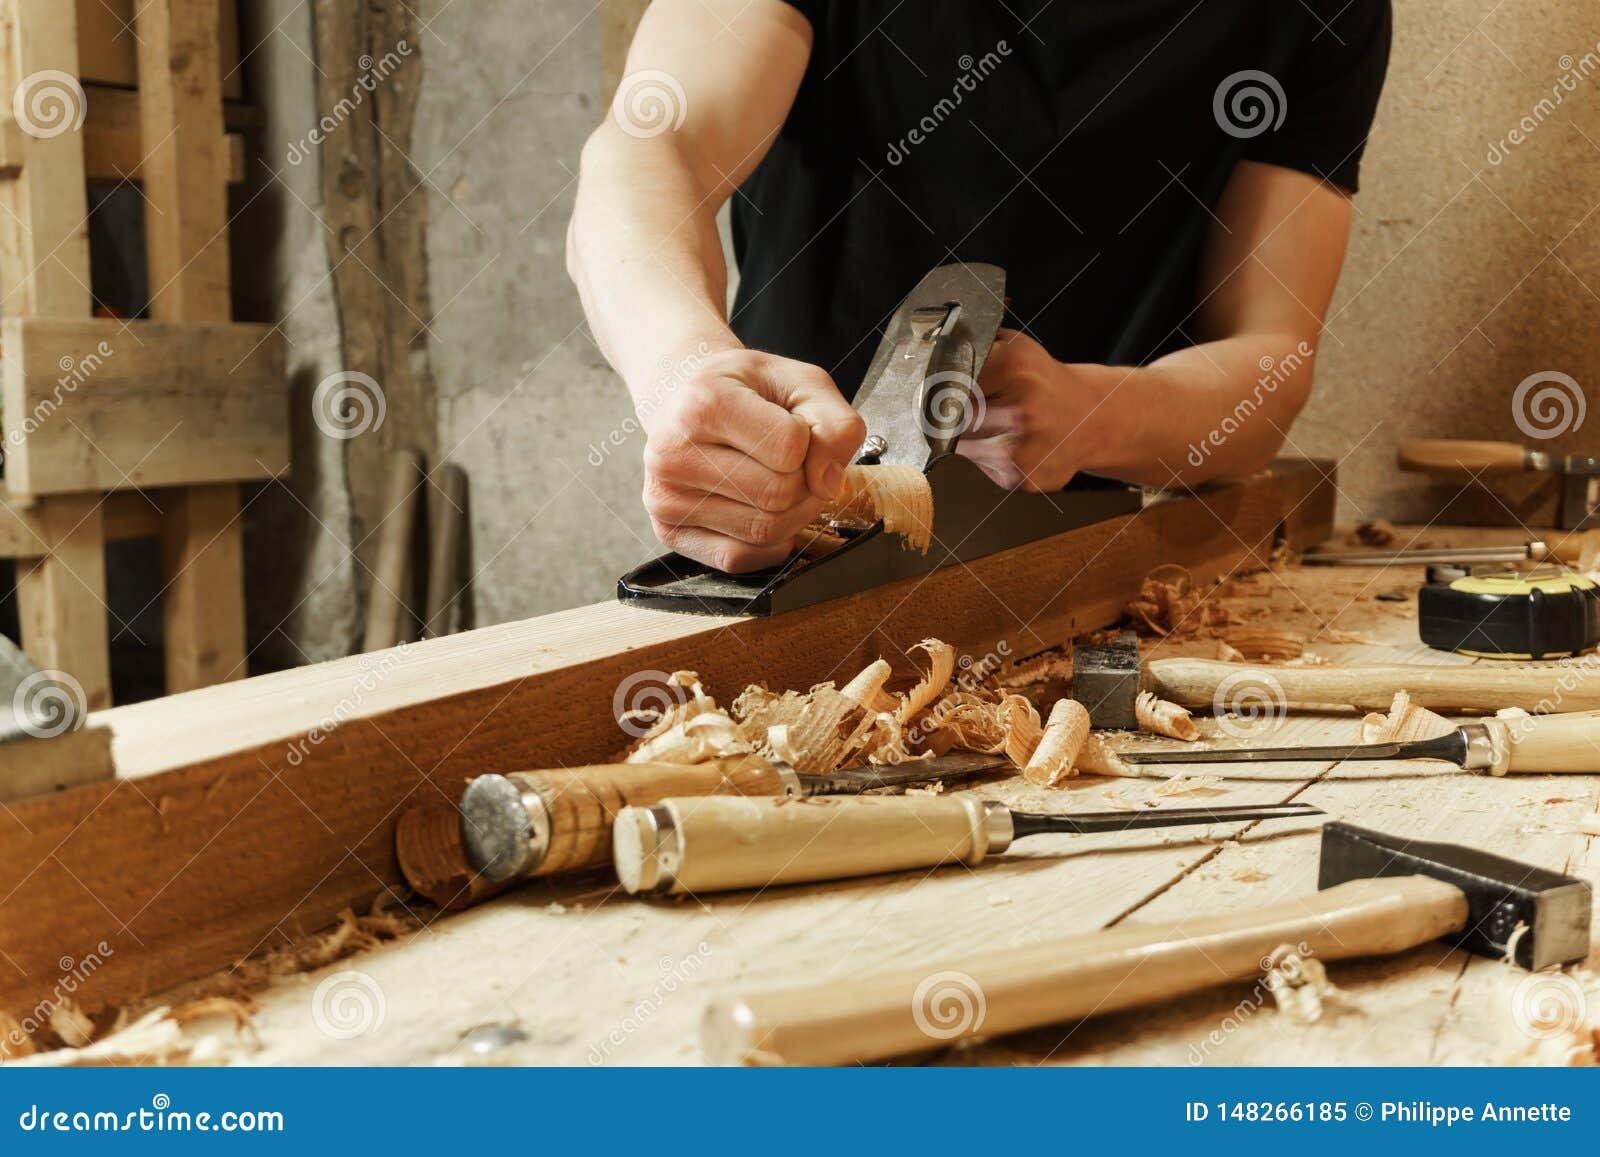 Carpentiere che lavora un bordo di legno con un aereo